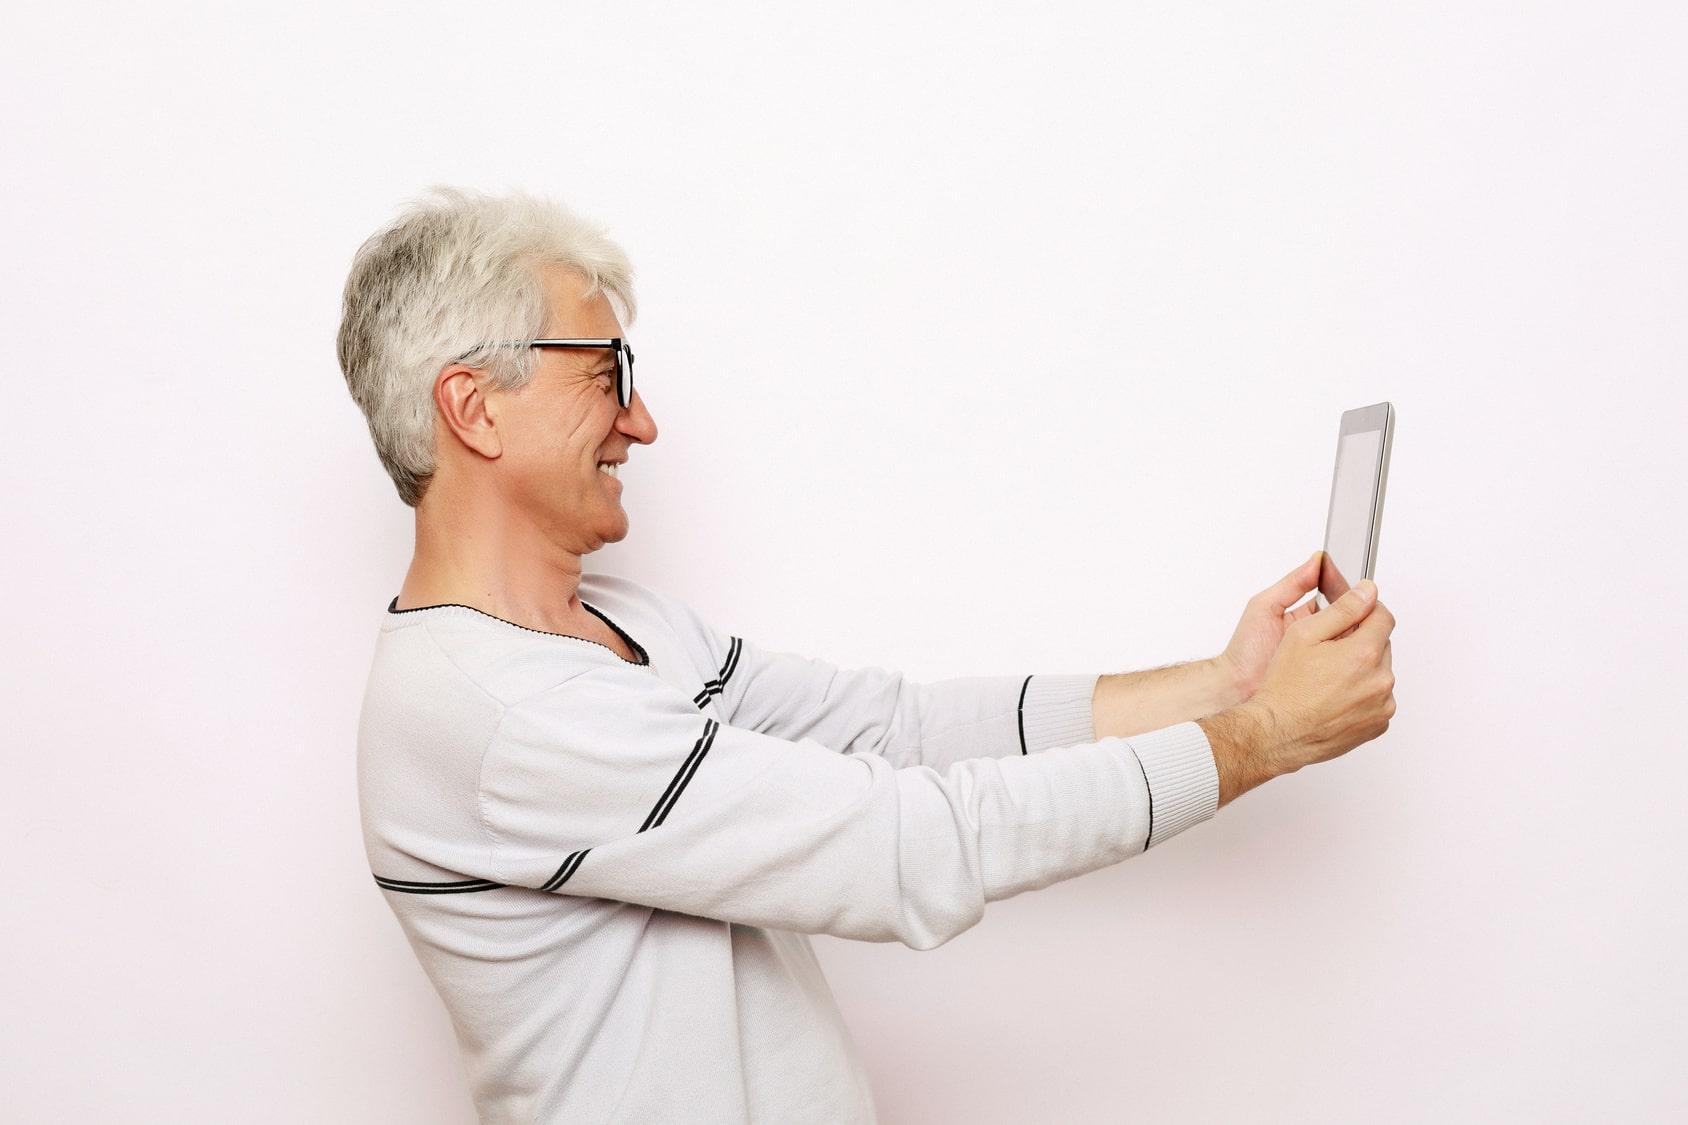 Se divertir en toute simplicité avec la tablette pour personne âgée ardoiz